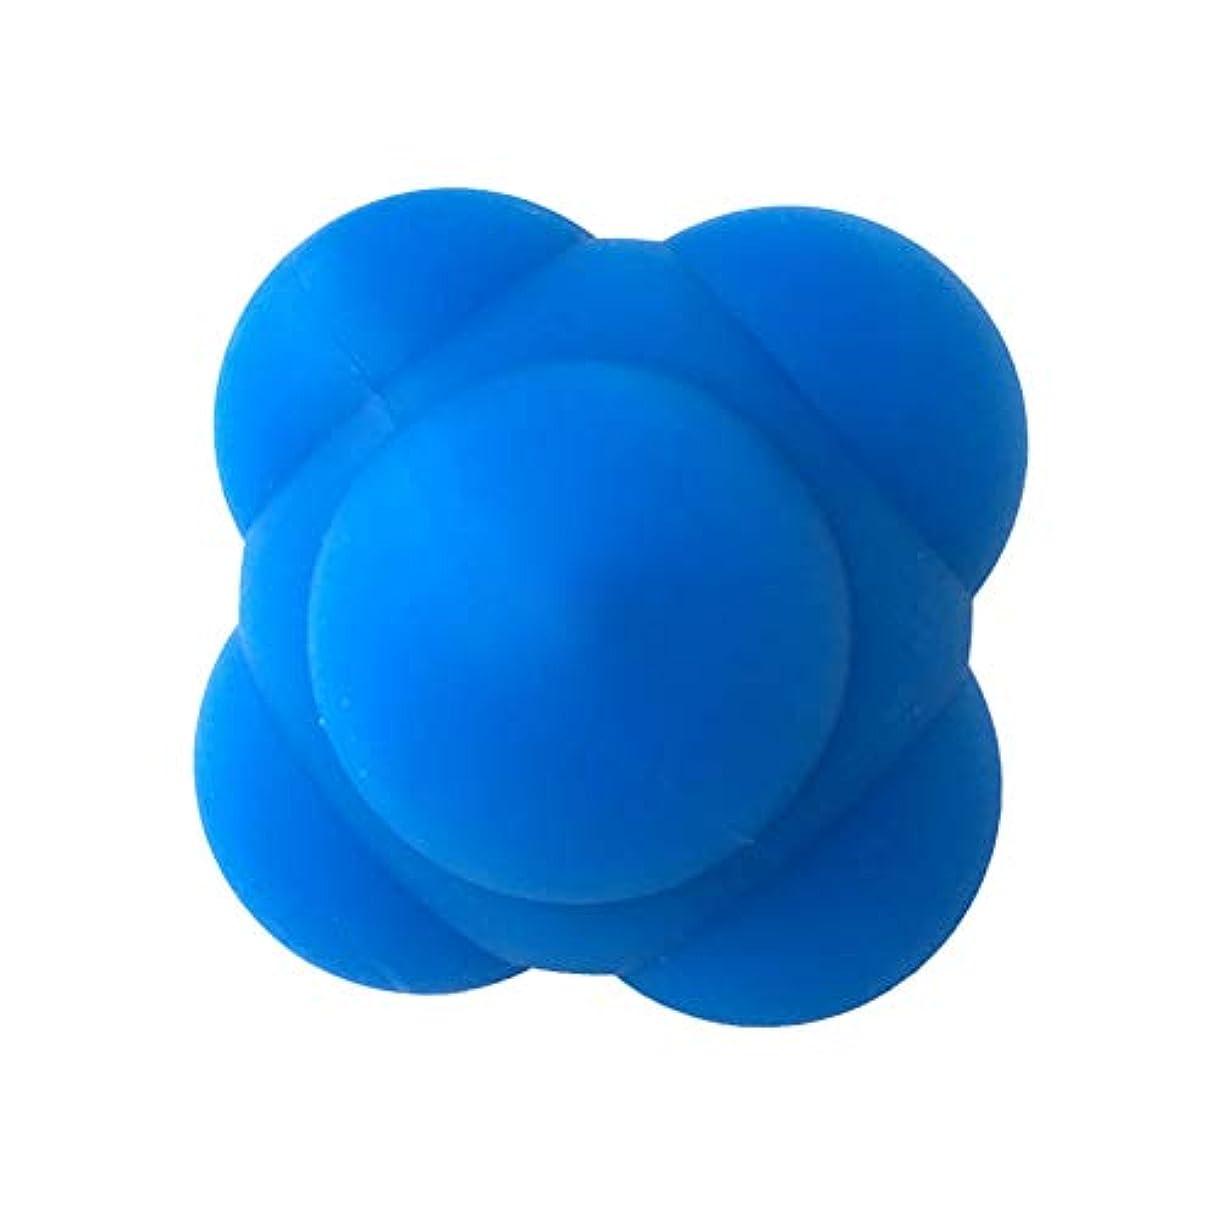 入手します権限を与える冷酷なHealifty 体の管理ボールスポーツシリコン六角形のボールソリッドフィットネストレーニングエクササイズリアクションボール素早さと敏捷性トレーニングボール6cm(青)